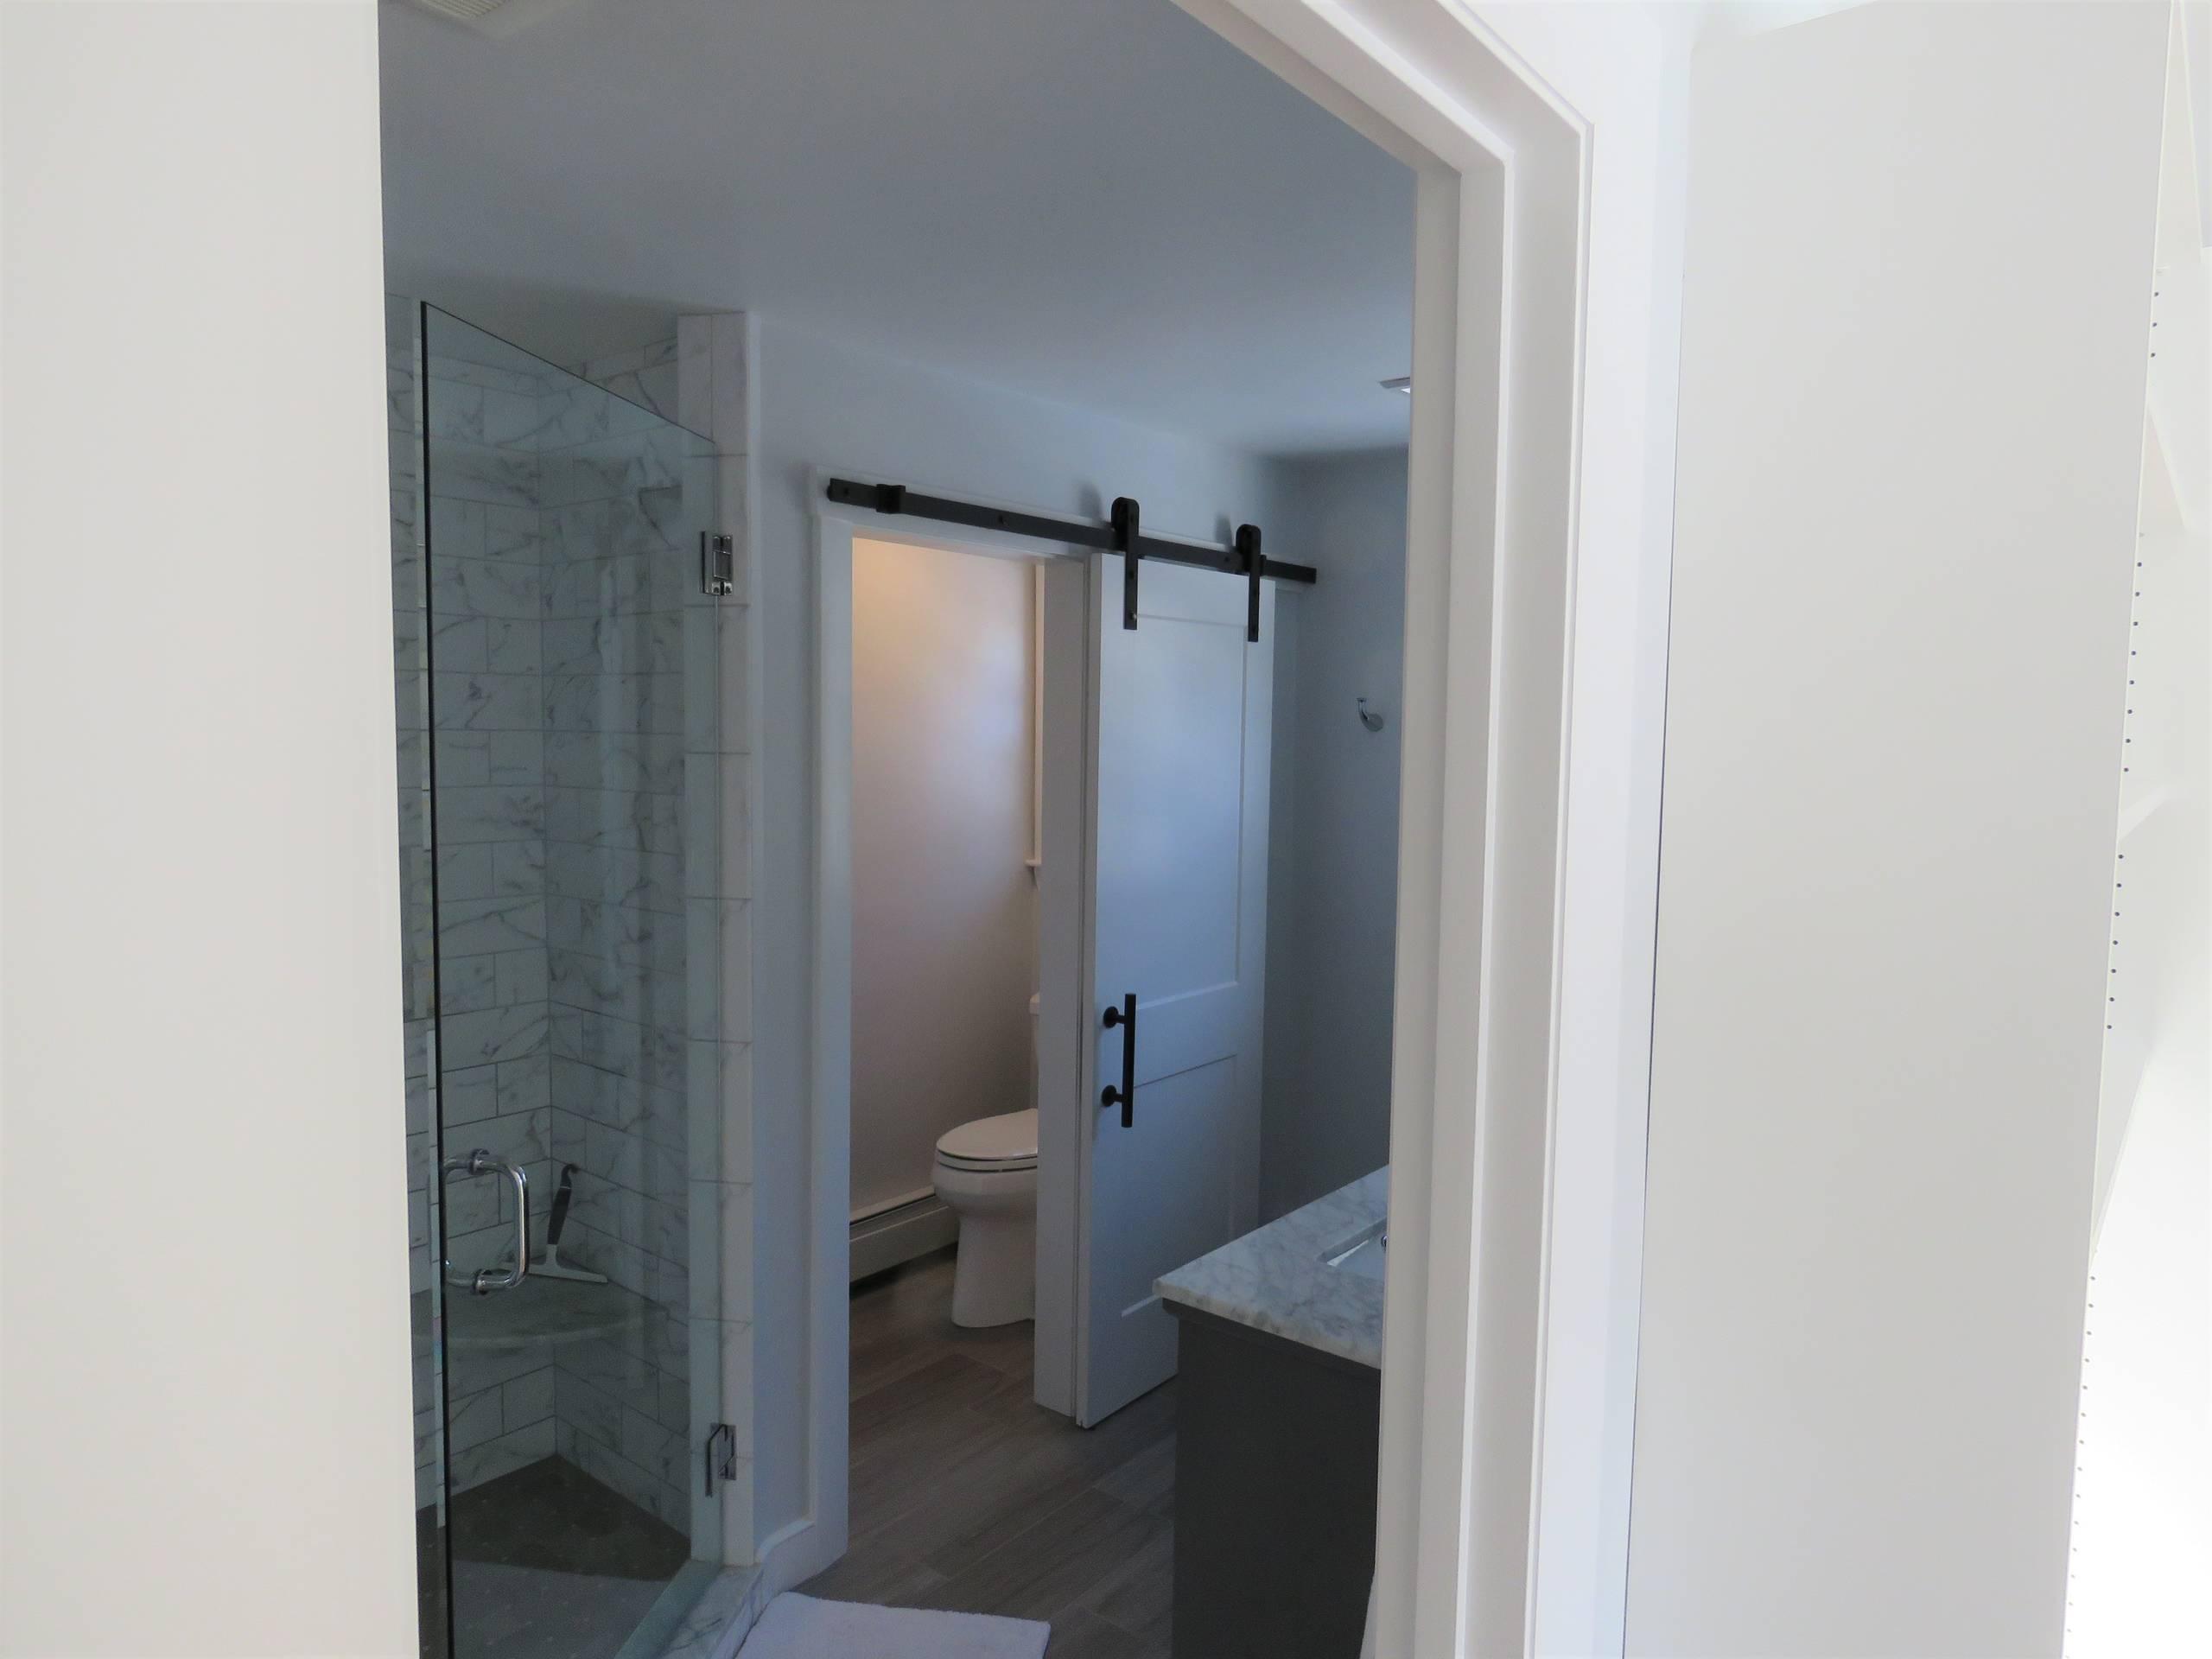 Wayland Bathroom